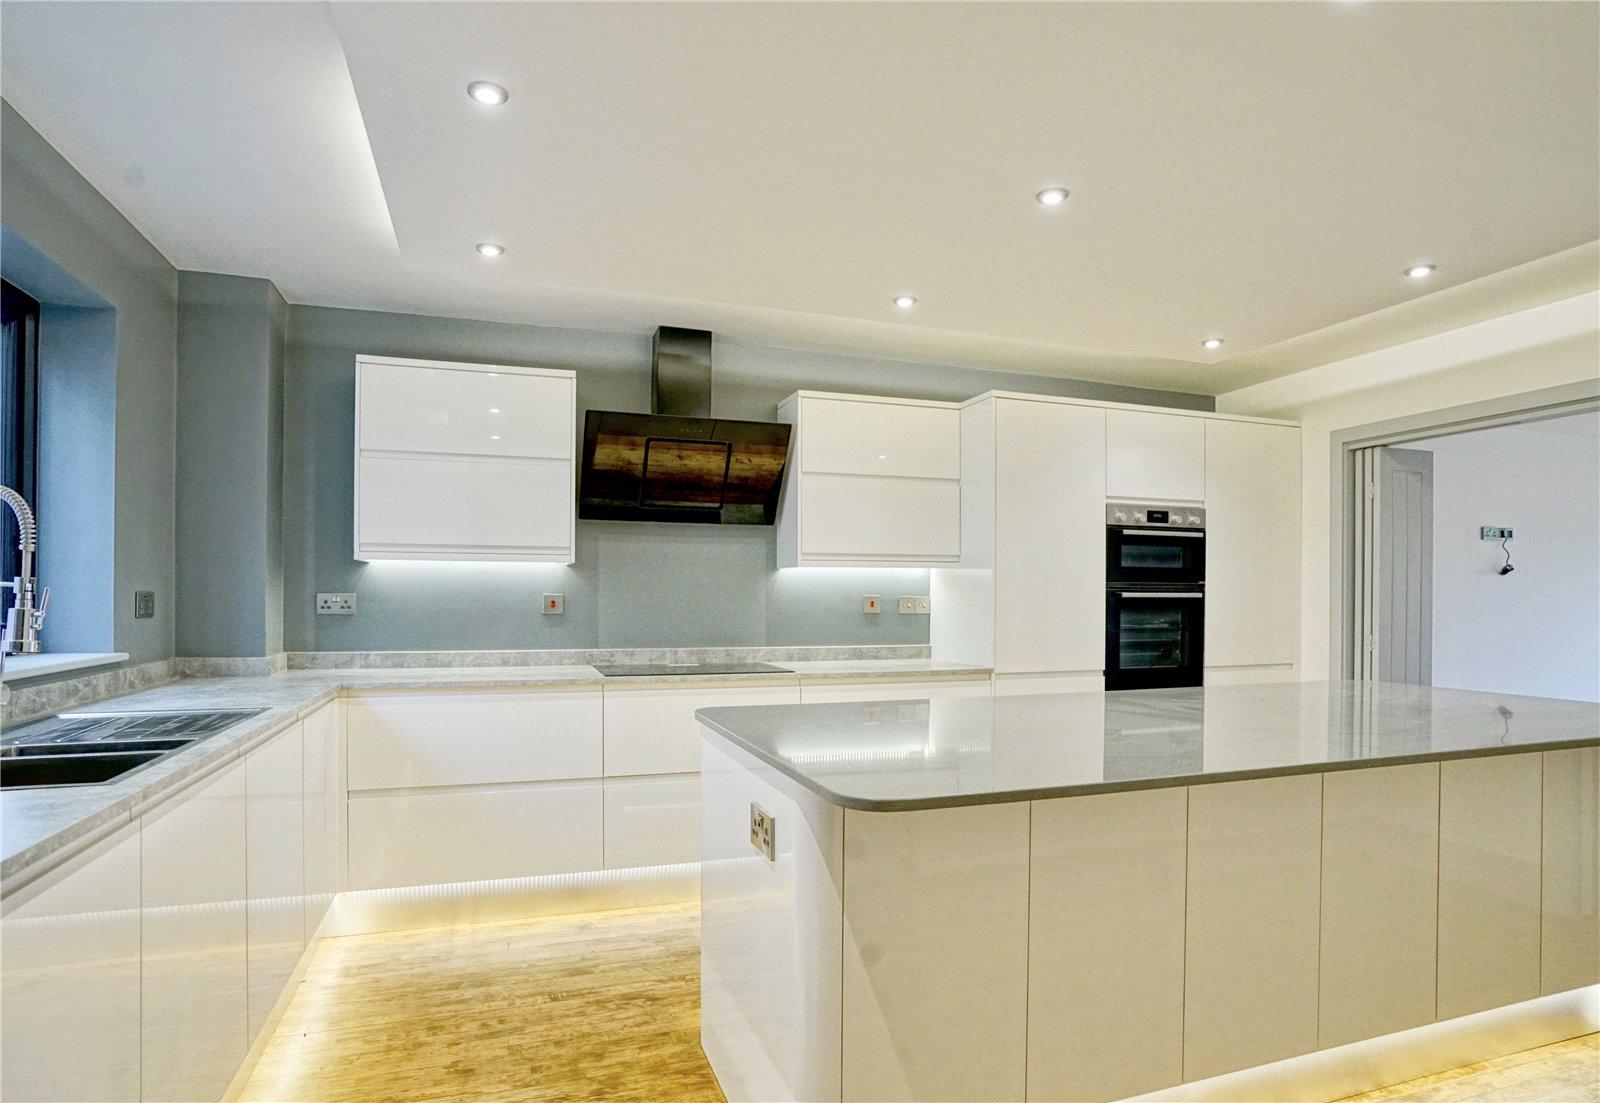 5 bed house for sale in Eynesbury Hardwicke, The Range, PE19 6XG - Property Image 1